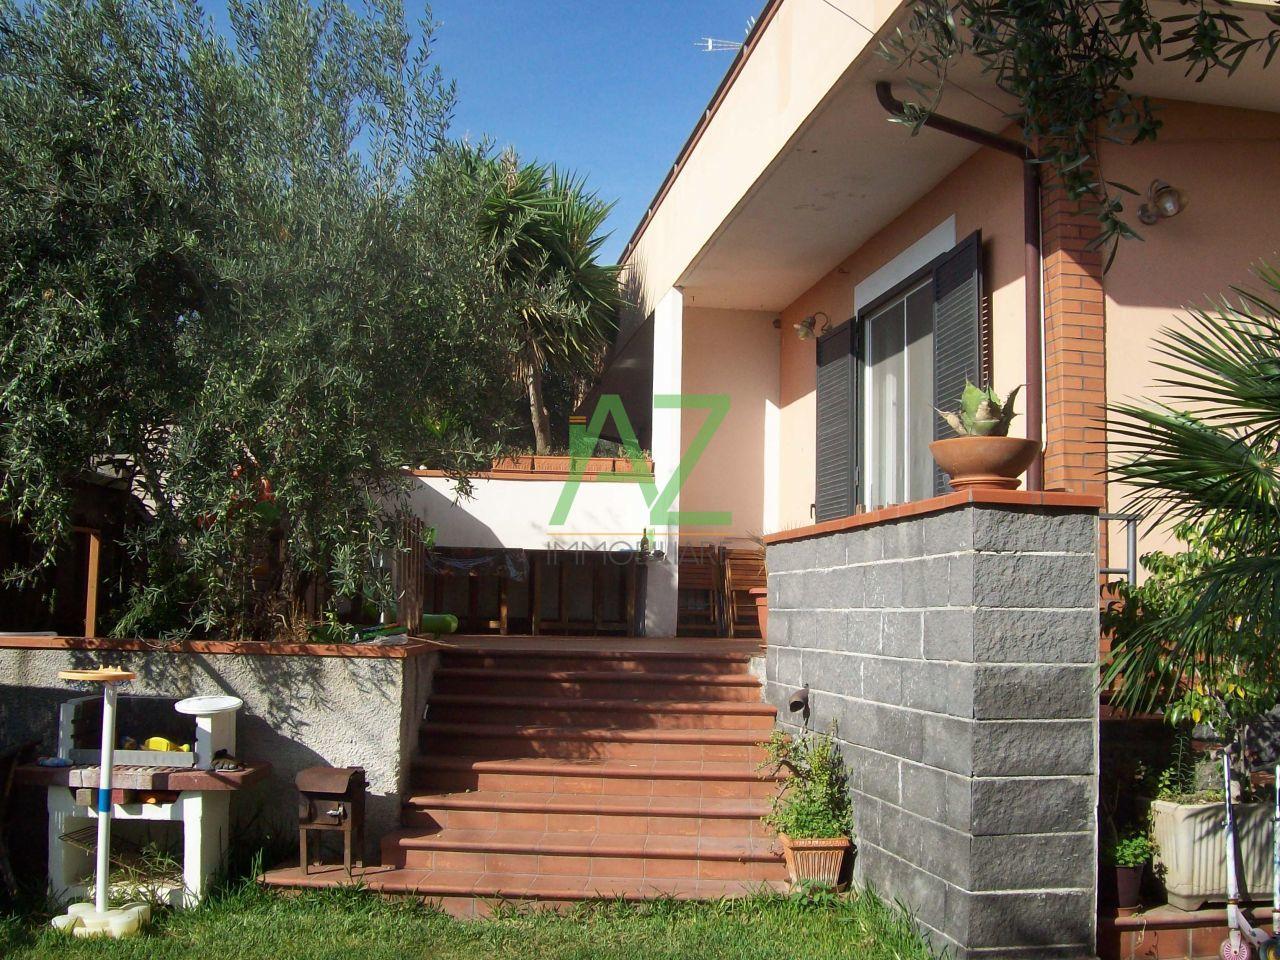 Villa in vendita a Misterbianco, 5 locali, prezzo € 280.000 | Cambio Casa.it